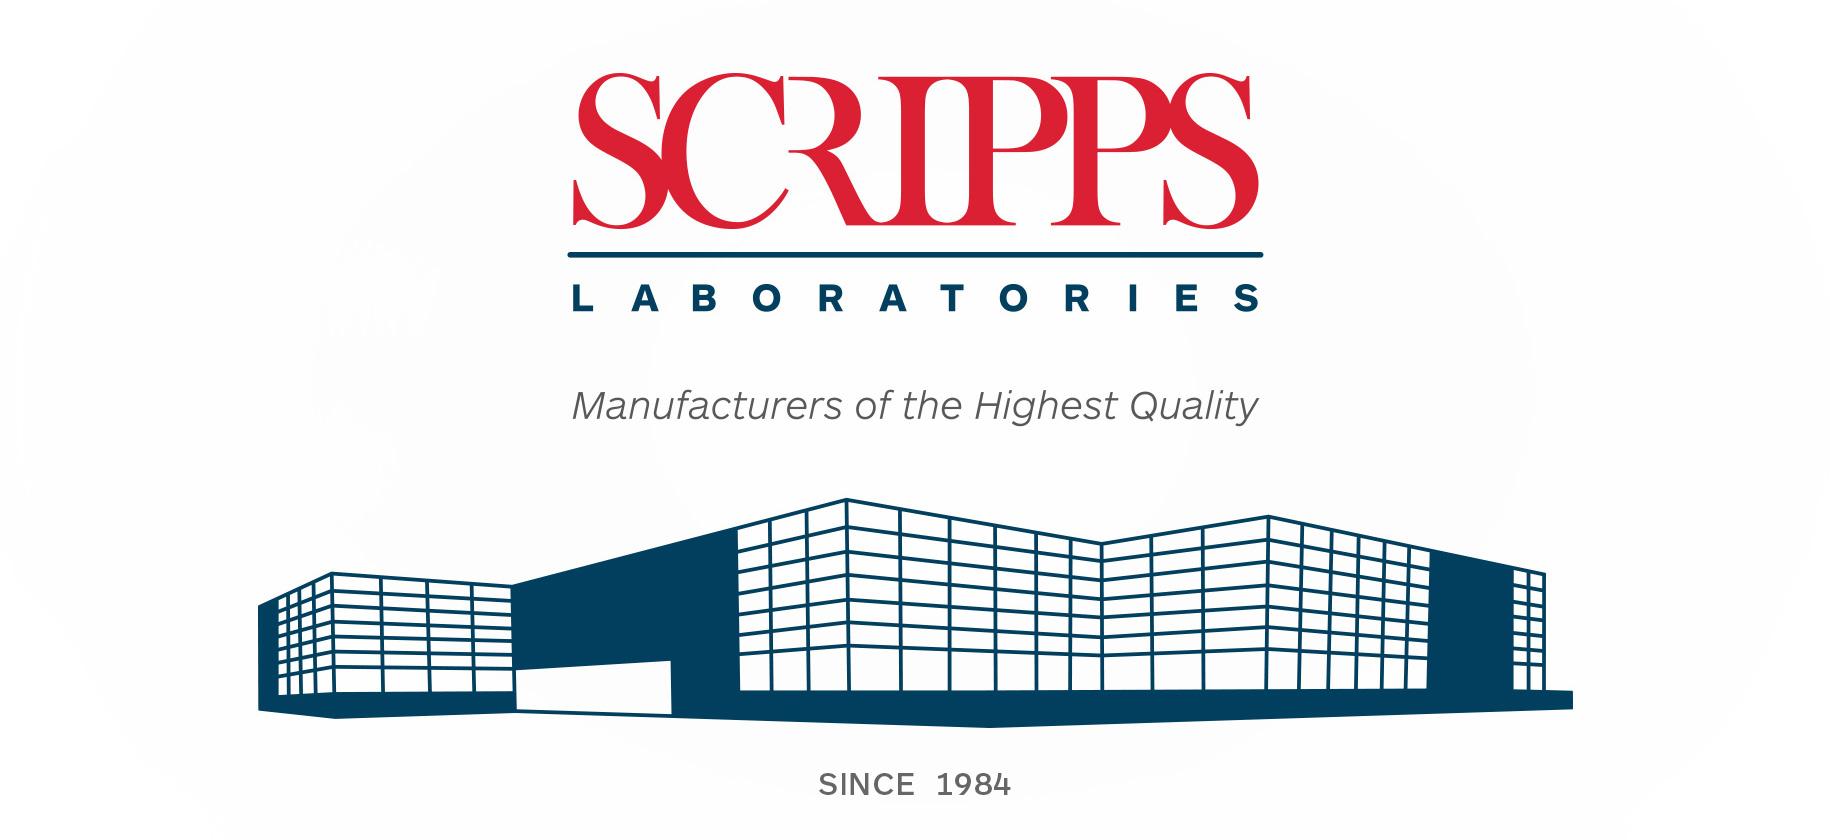 Scripps Laboratories